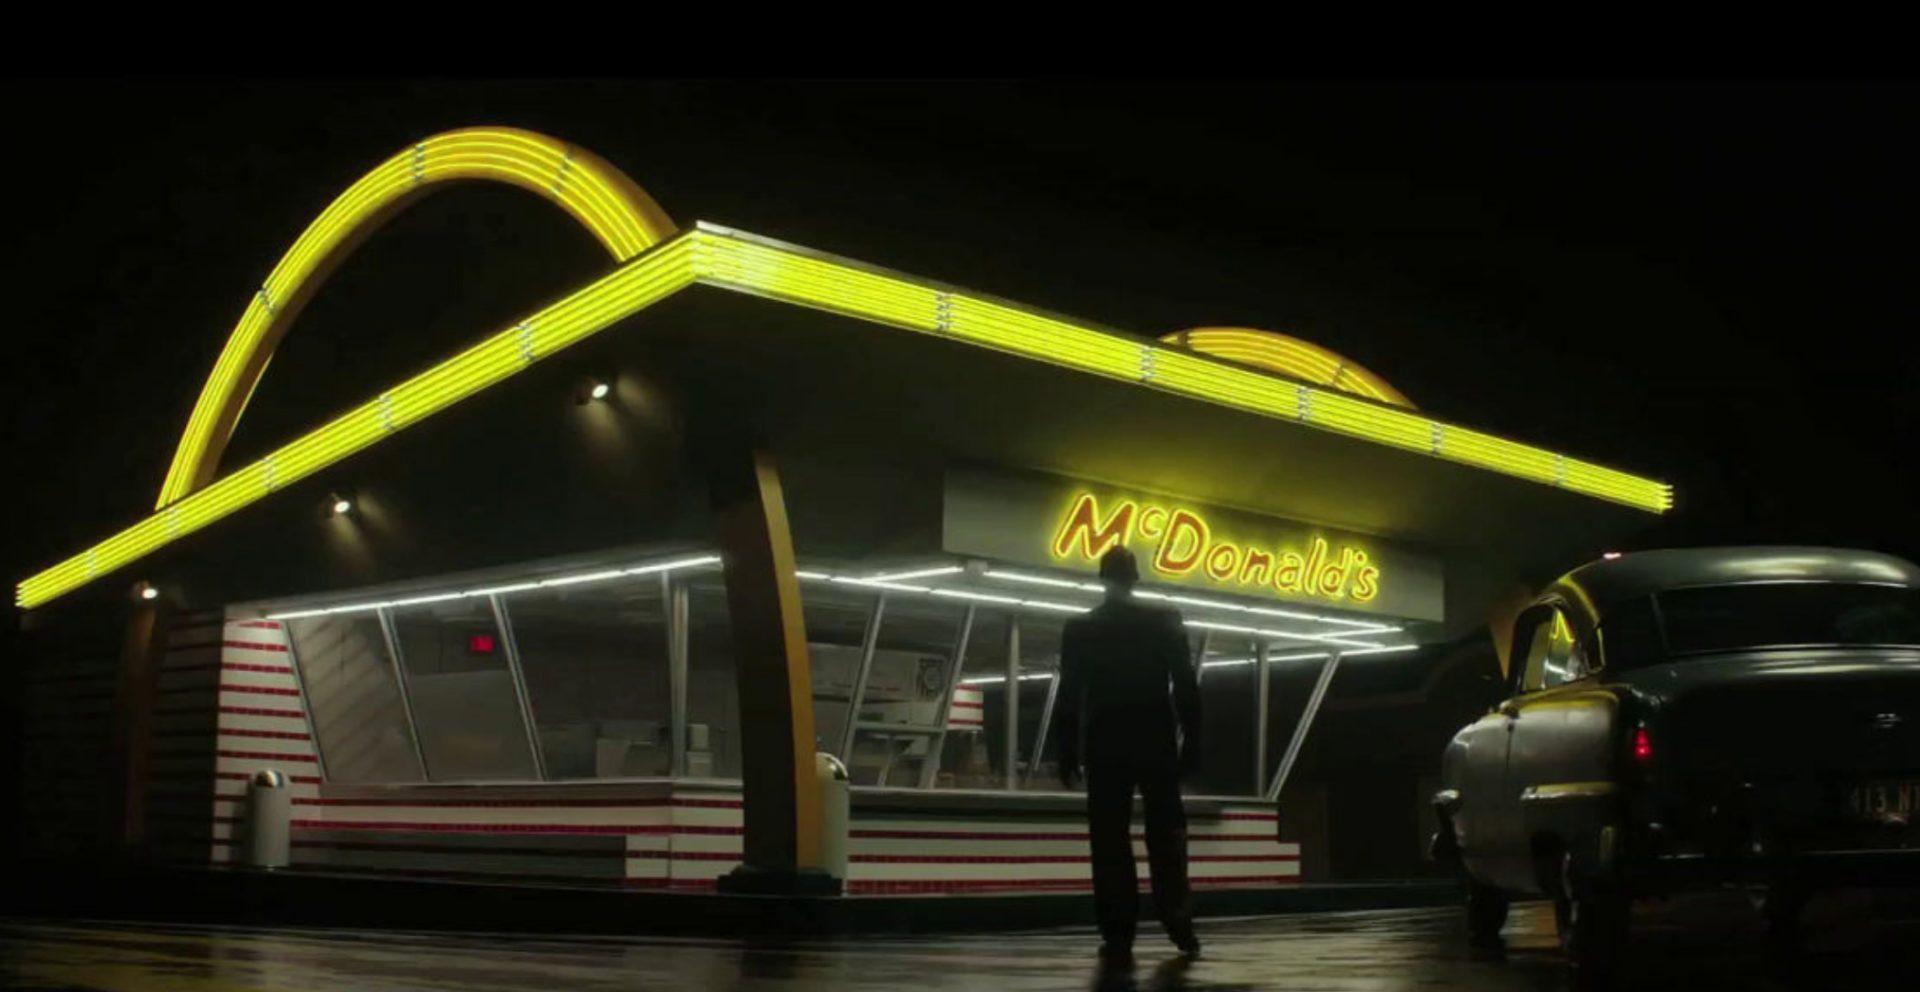 ファウンダー ハンバーガー帝国のヒミツを無料動画でネタバレ紹介する記事